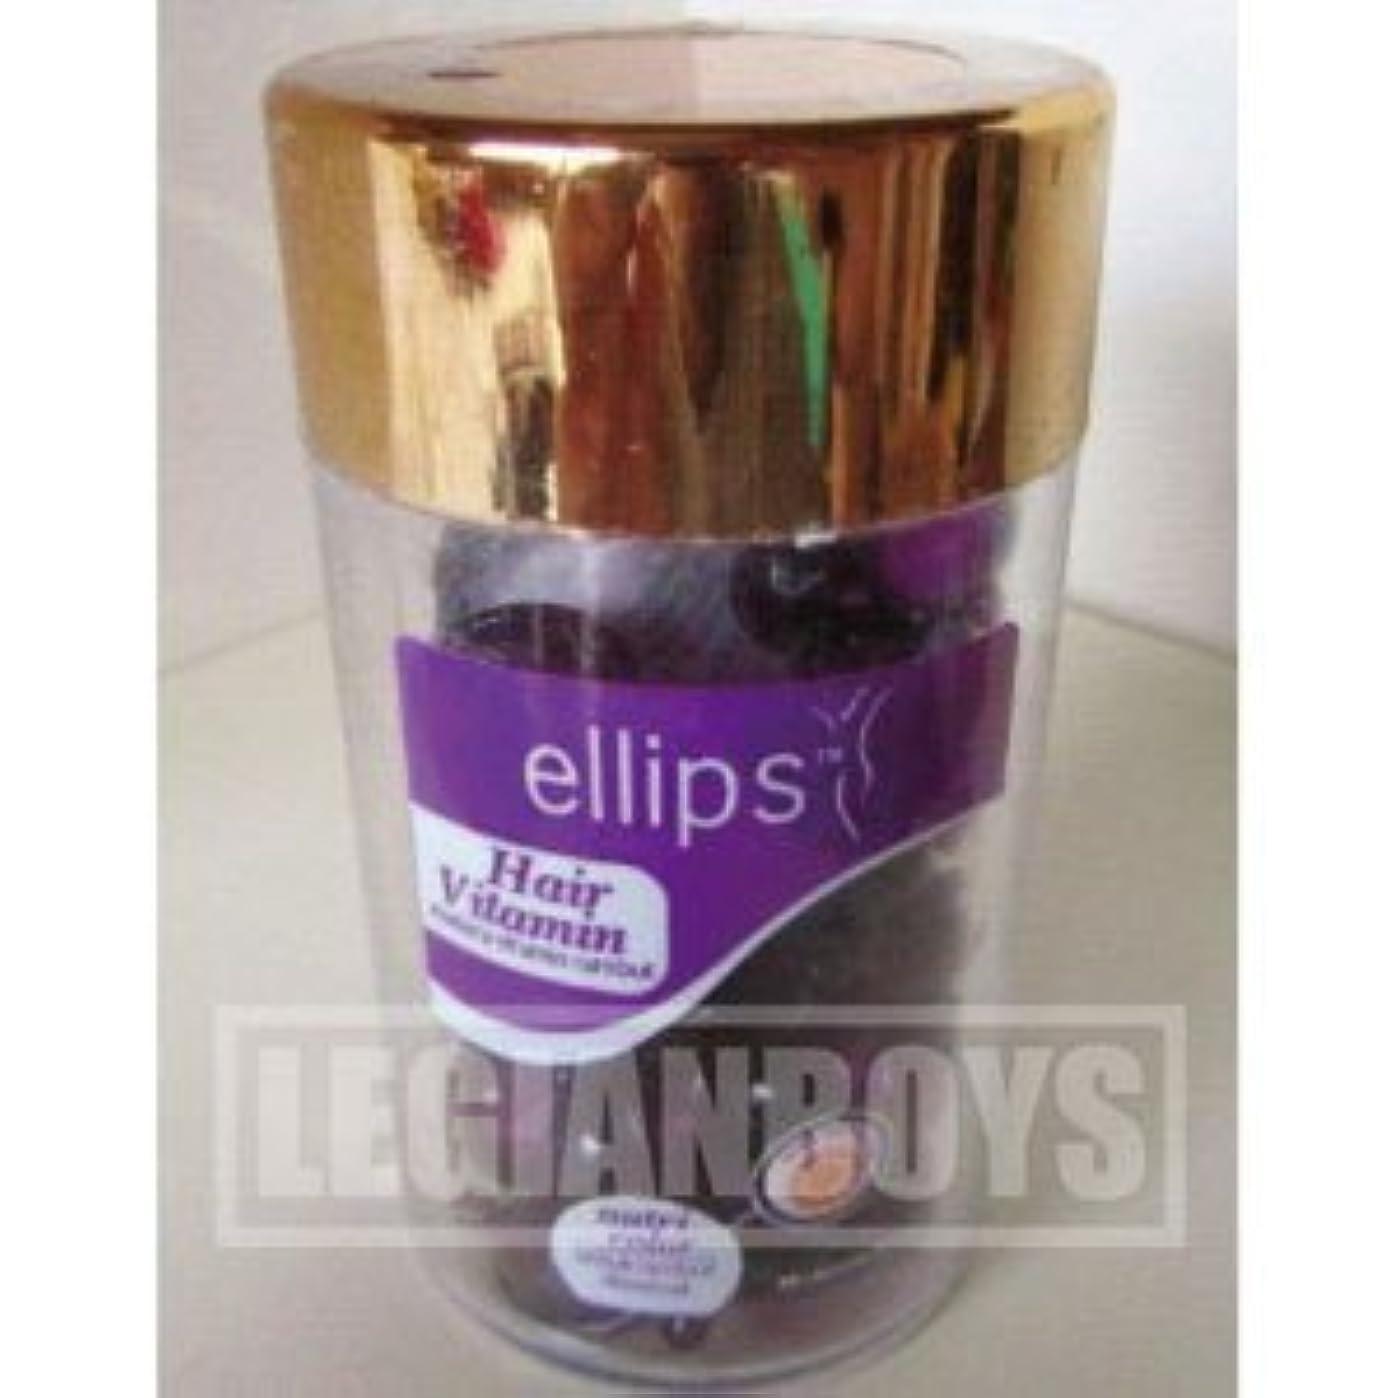 バリ島 !エリプス?ヘアビタミン【紫】カラーリングヘアケア*販売中* ellips Hair Vitamin